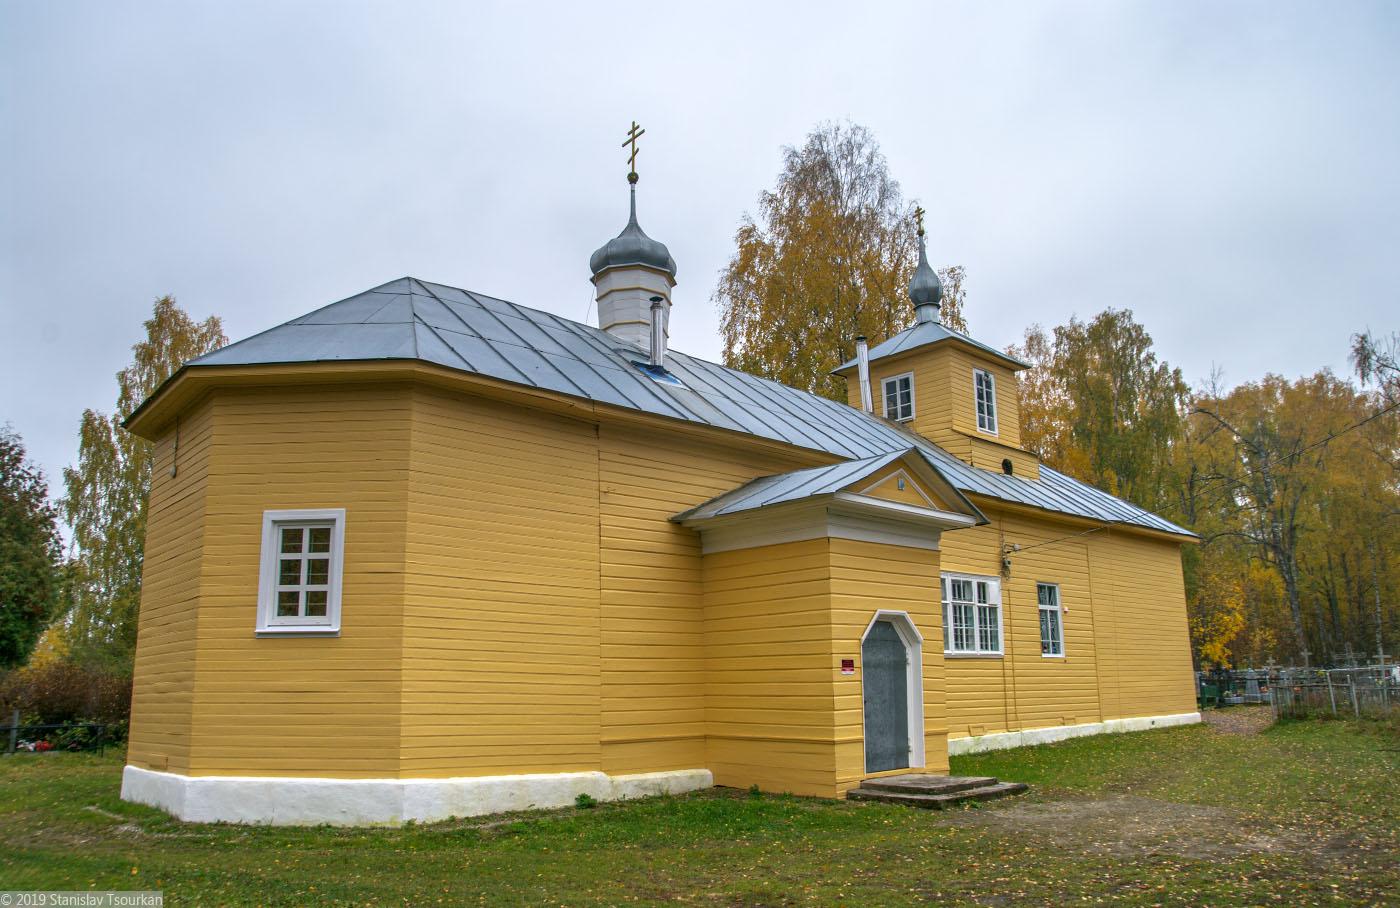 Весьегонск, Тверская область, памятник ВОВ, мемориал